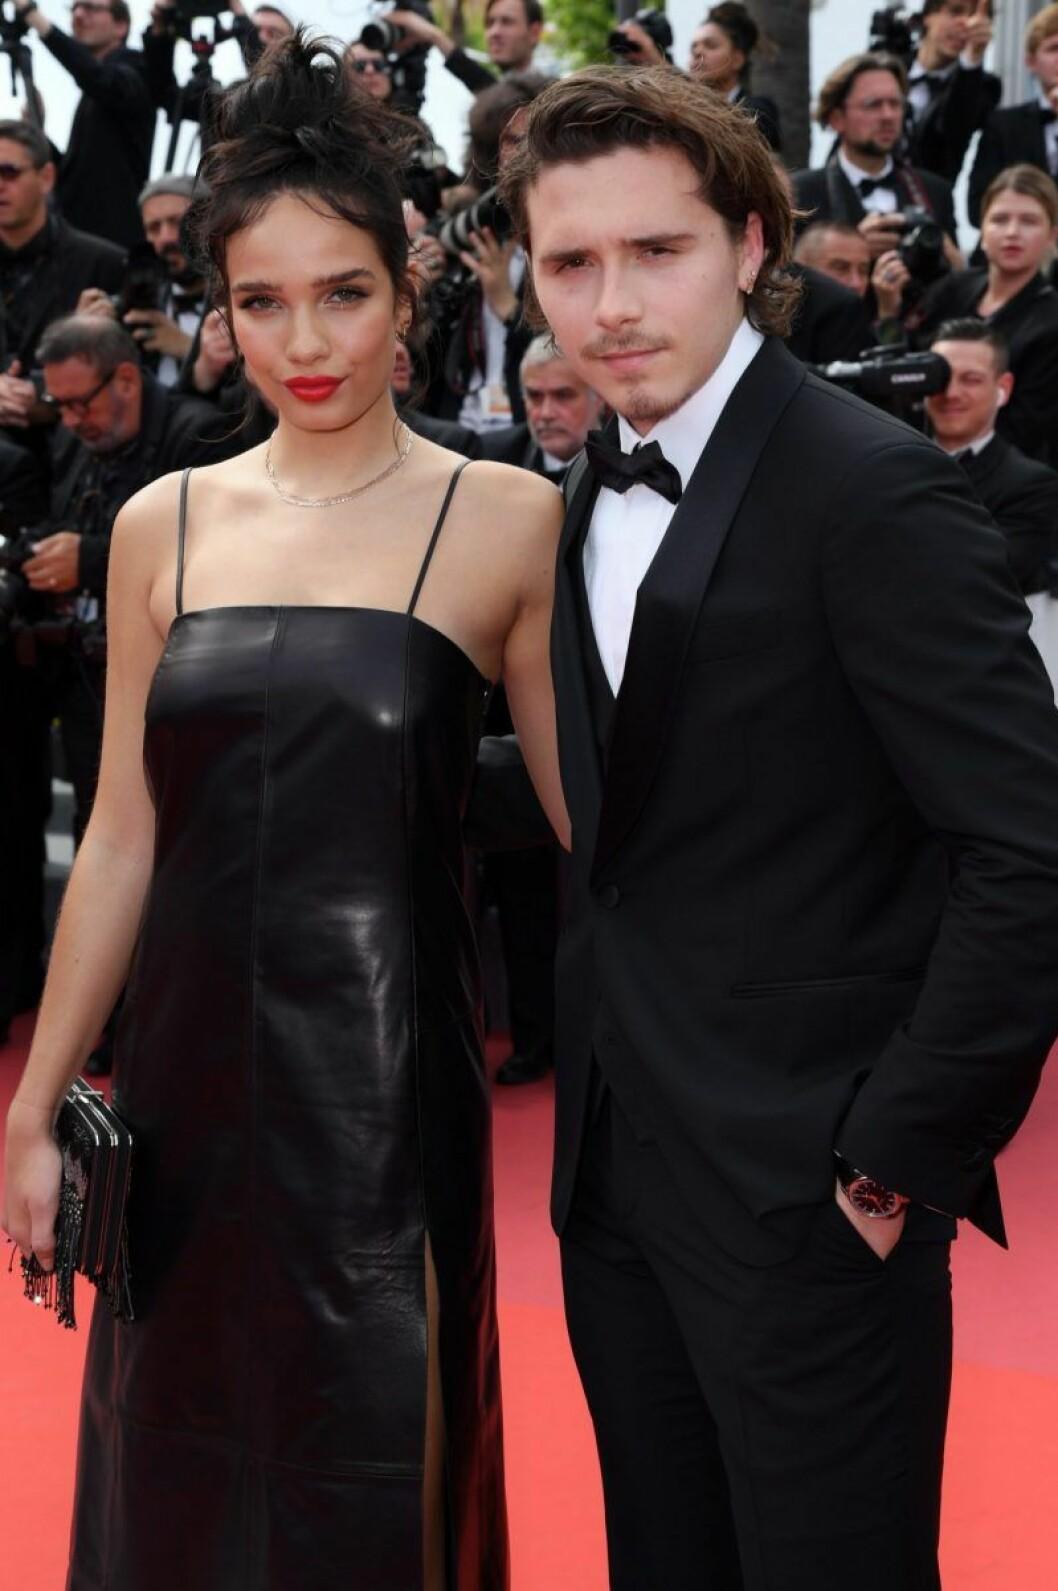 Brooklyn Beckham i svart kostym och Hana Cross i svart klänning på röda mattan